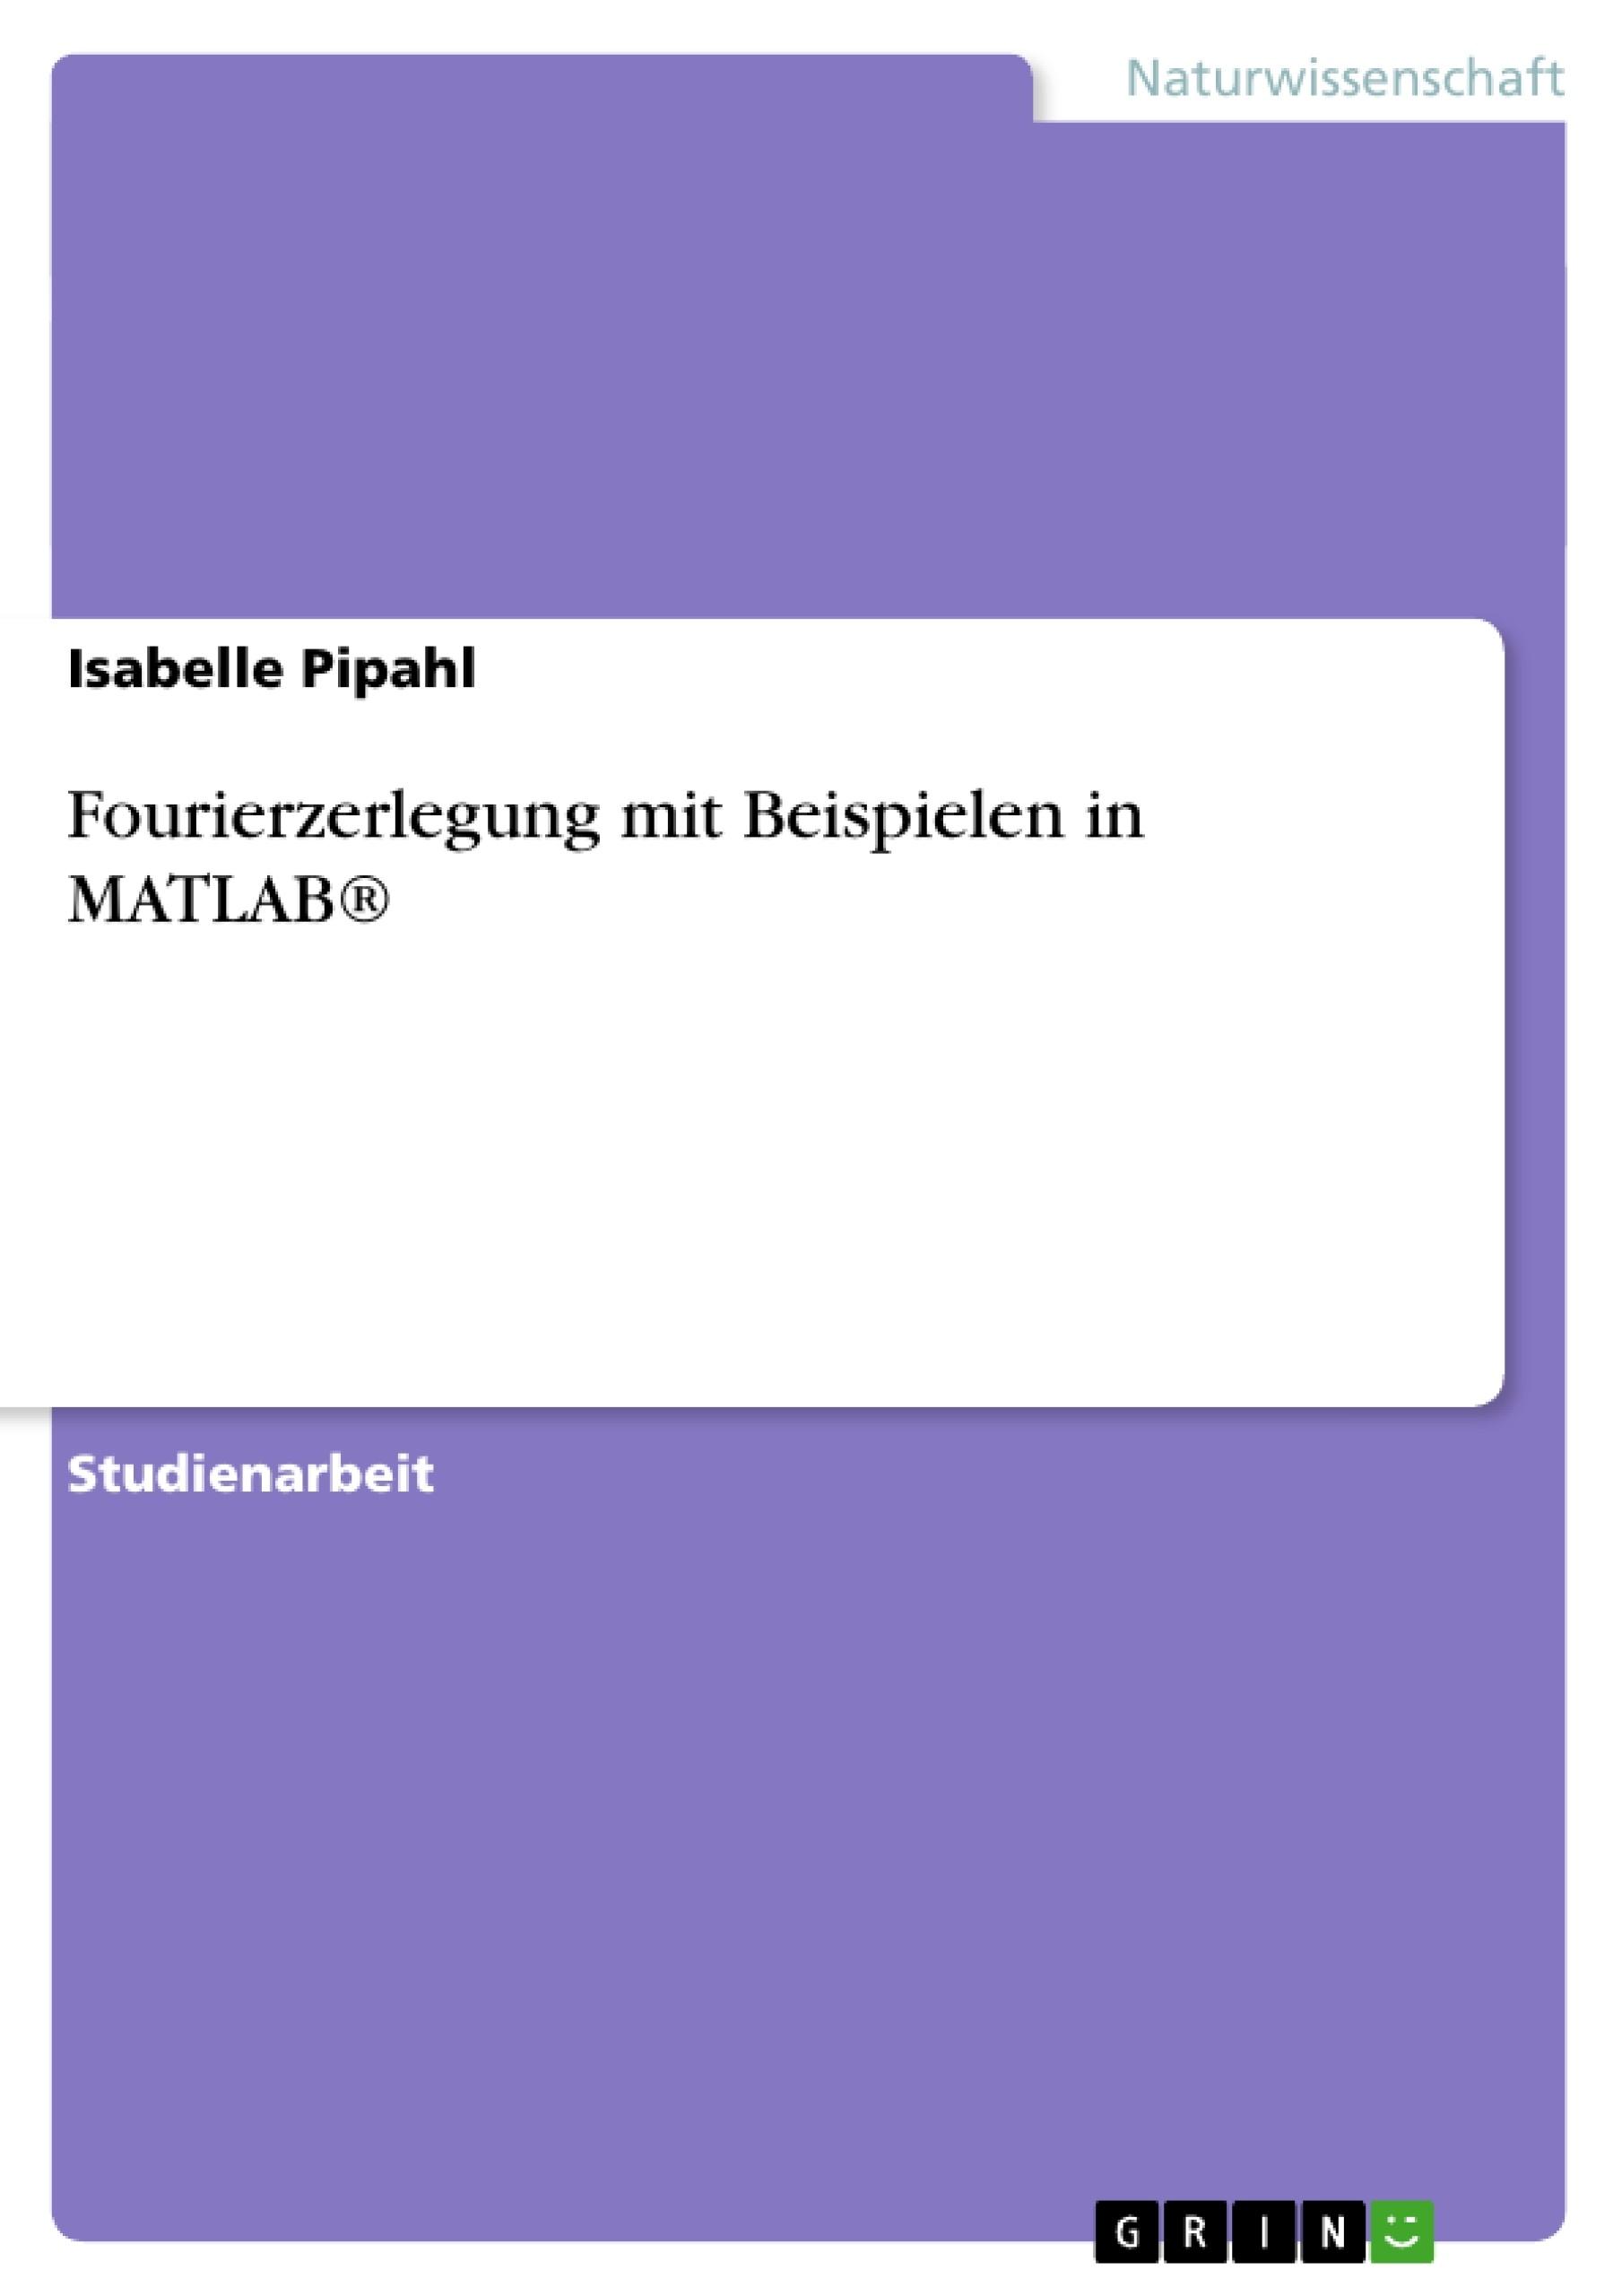 Titel: Fourierzerlegung mit Beispielen in MATLAB®